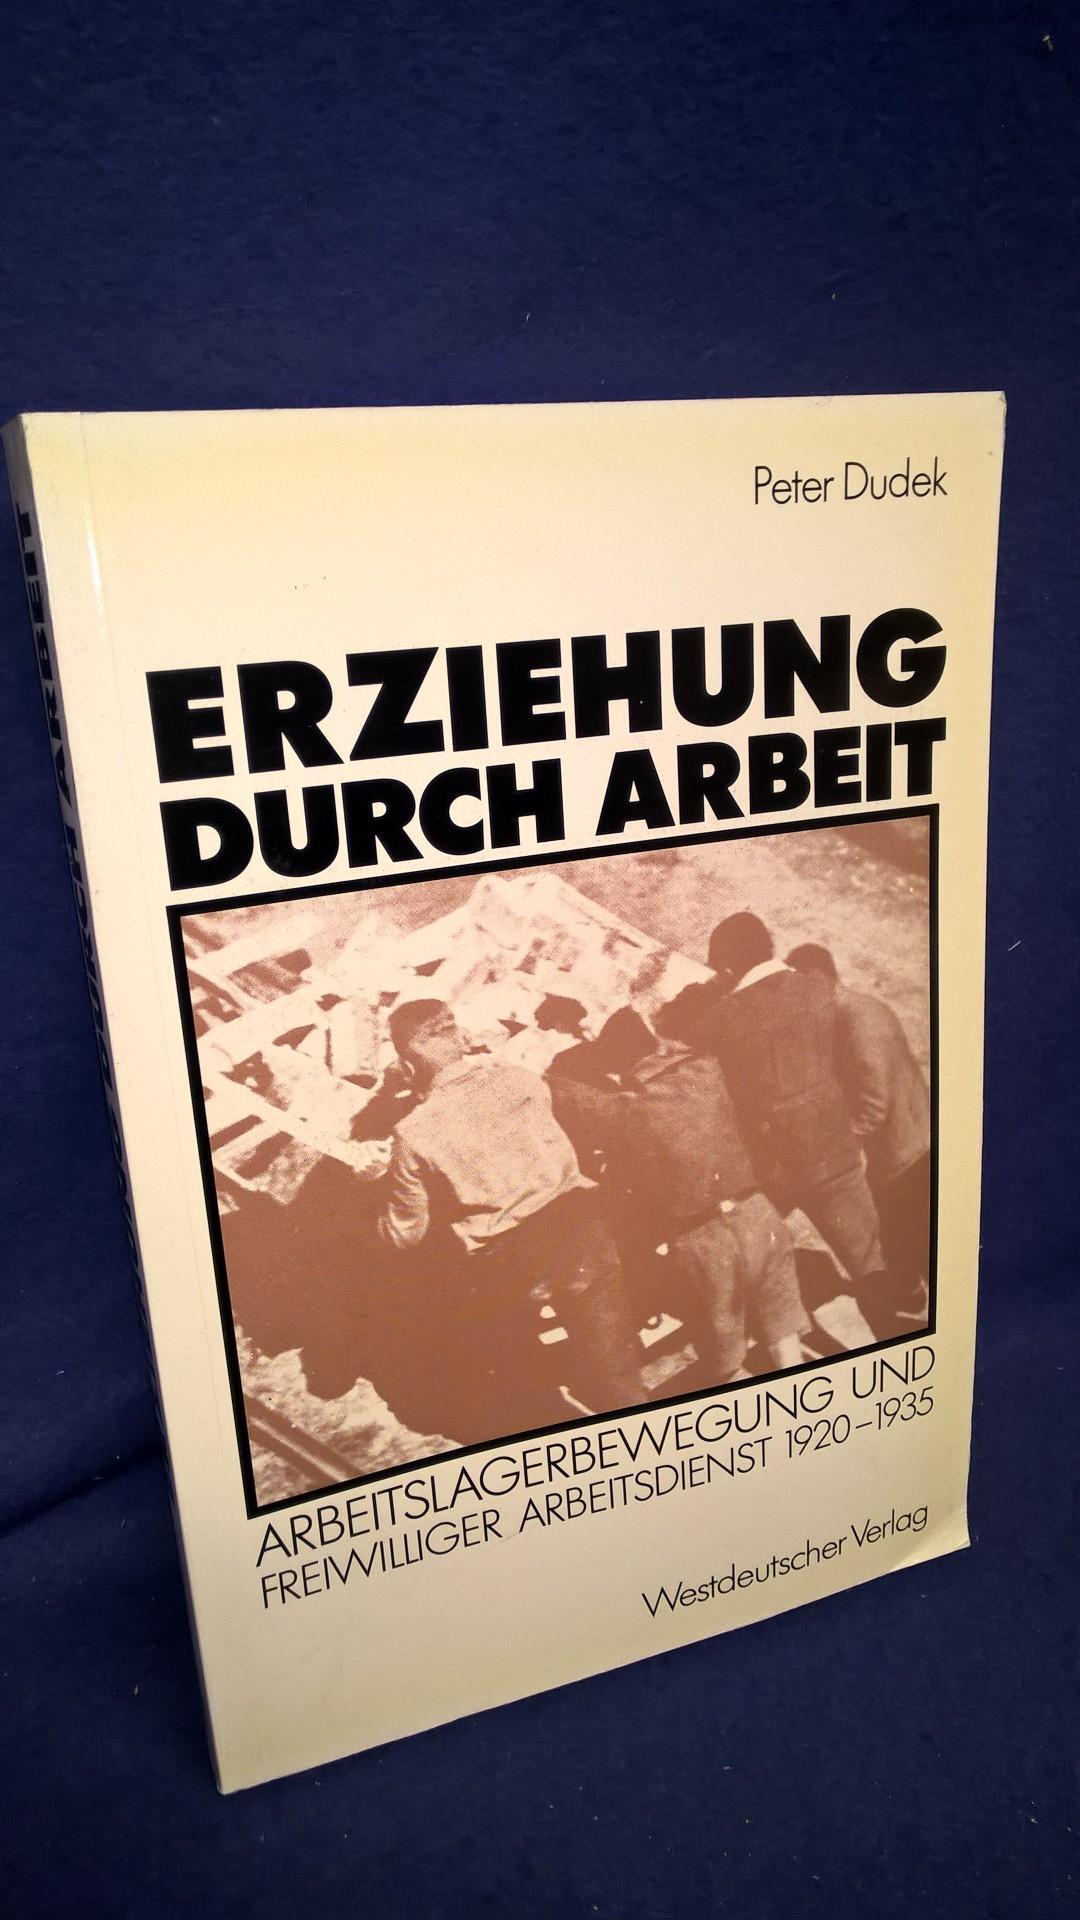 Erziehung durch Arbeit : Arbeitslagerbewegung und freiwilliger Arbeitsdienst 1920 - 1935.